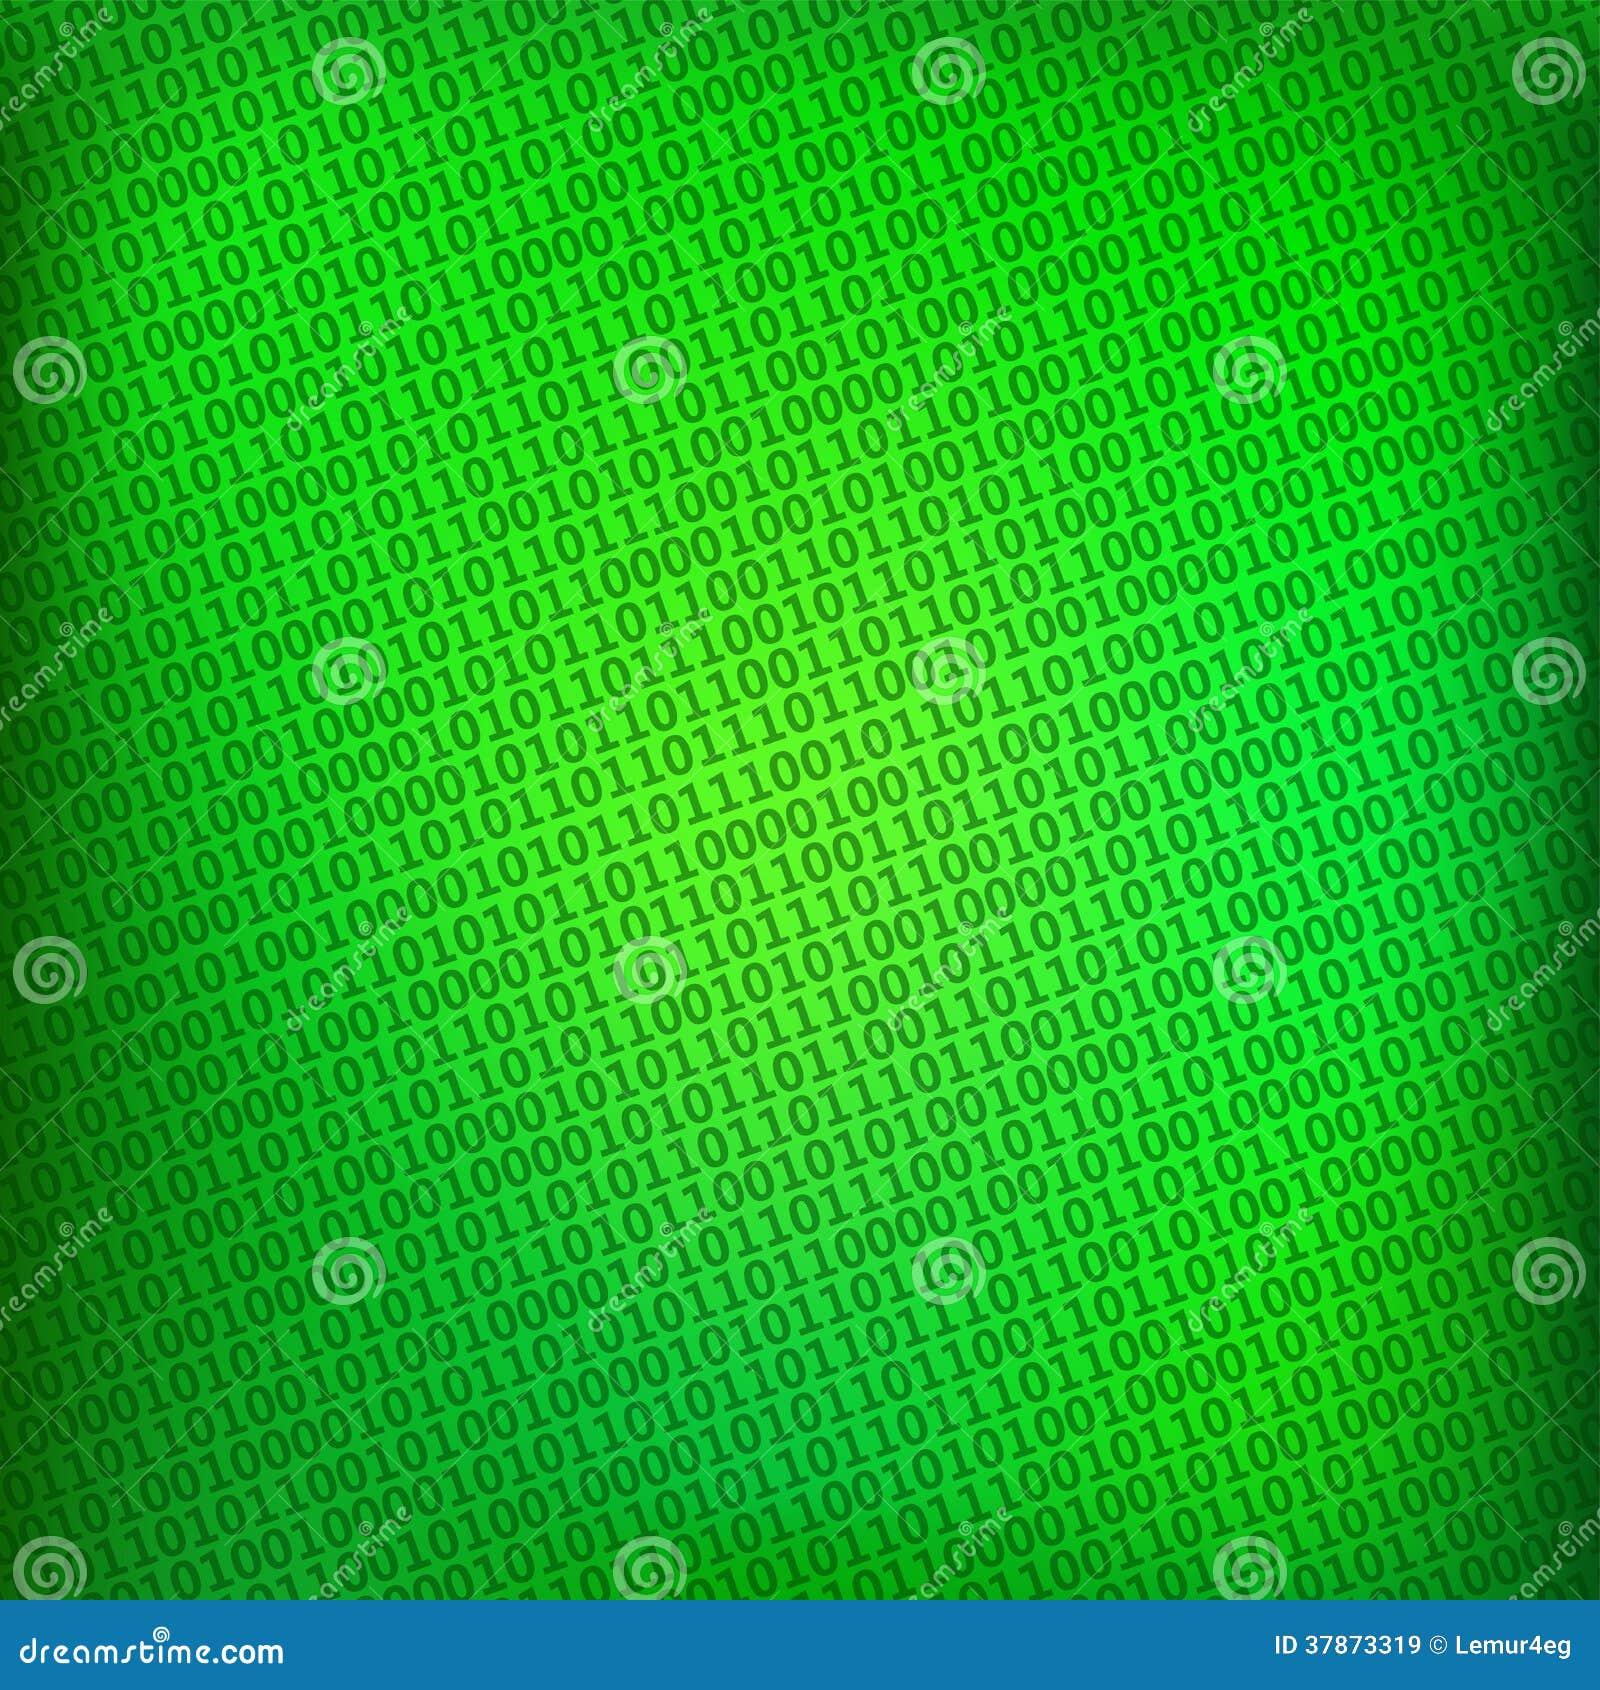 fond vert avec la matrice binaire num rique images libres de droits image 37873319. Black Bedroom Furniture Sets. Home Design Ideas